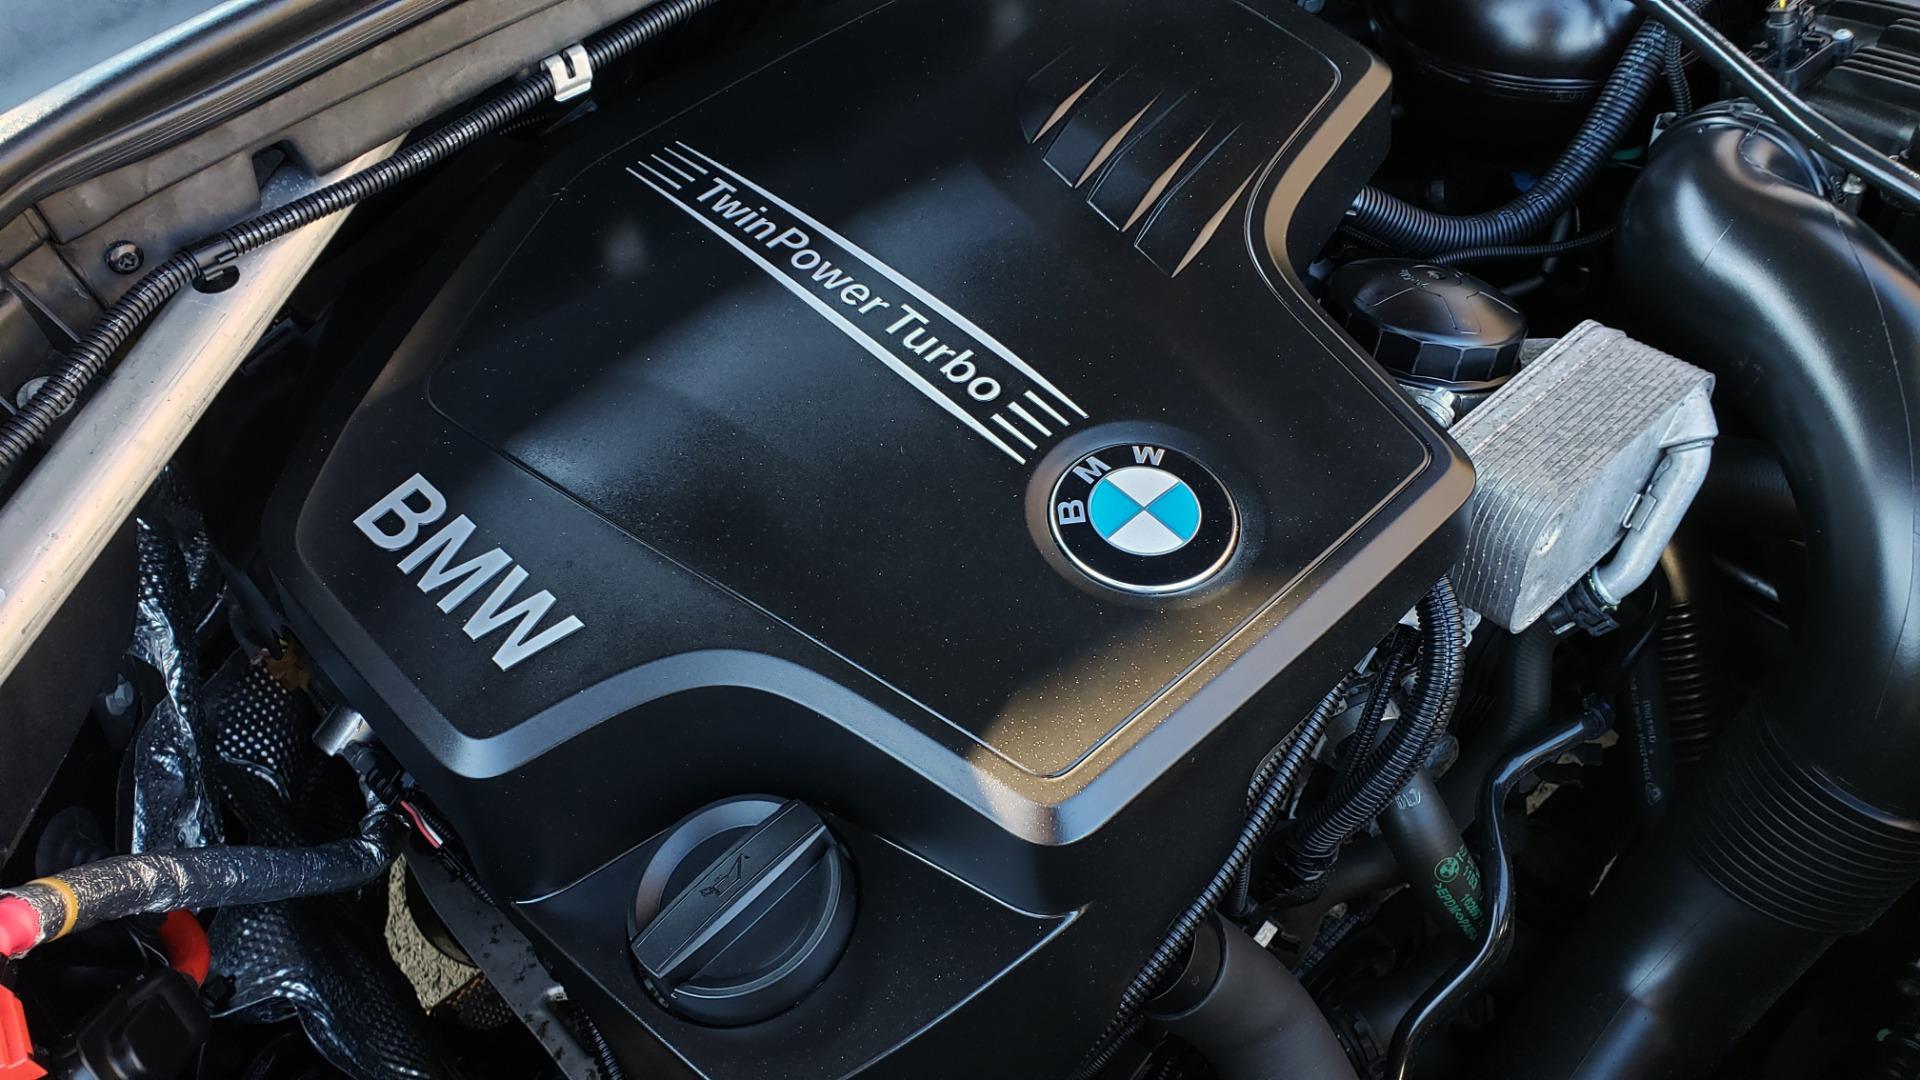 Used 2017 BMW X3 XDRIVE28I / PREM PKG / NAV / DRVR ASST / HTD STS / CAMERAS for sale Sold at Formula Imports in Charlotte NC 28227 25